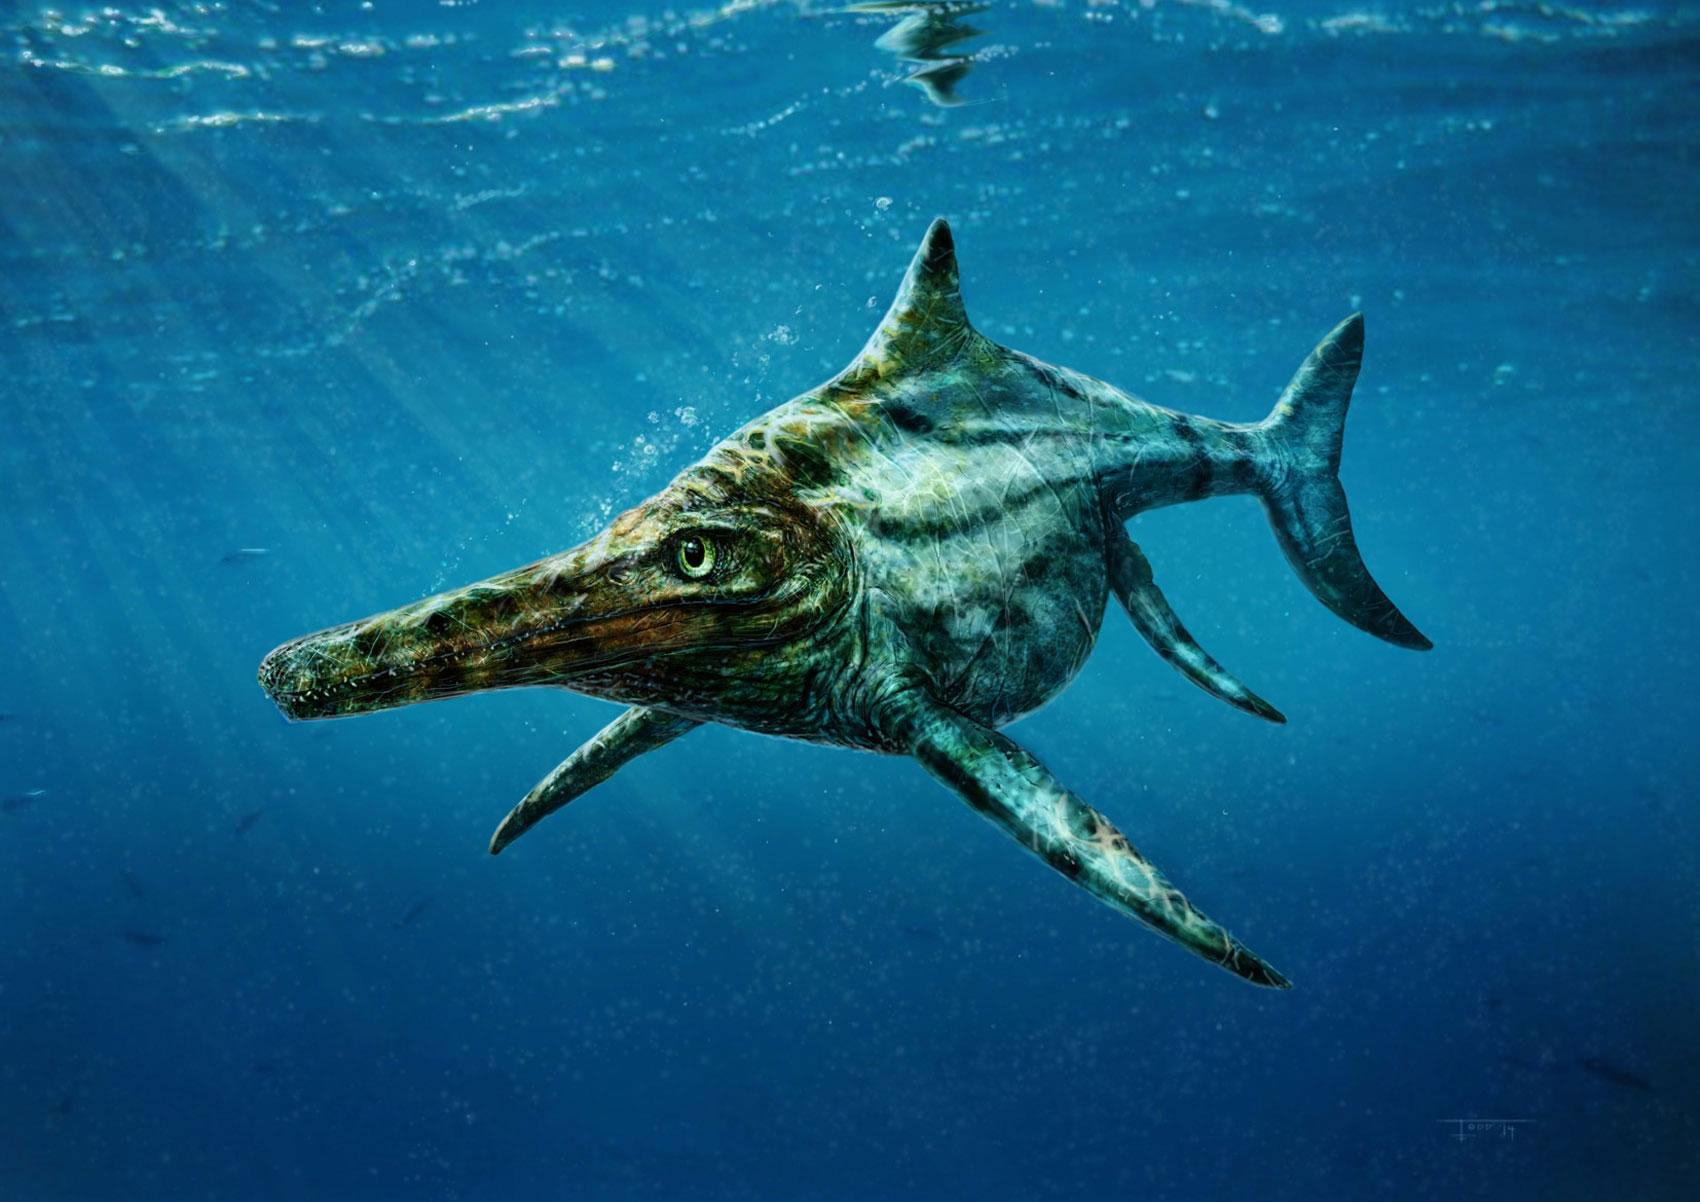 科学家最新发现一种生活在侏罗纪时代海洋的巨大爬行动物Dearcmhara shawcrossi